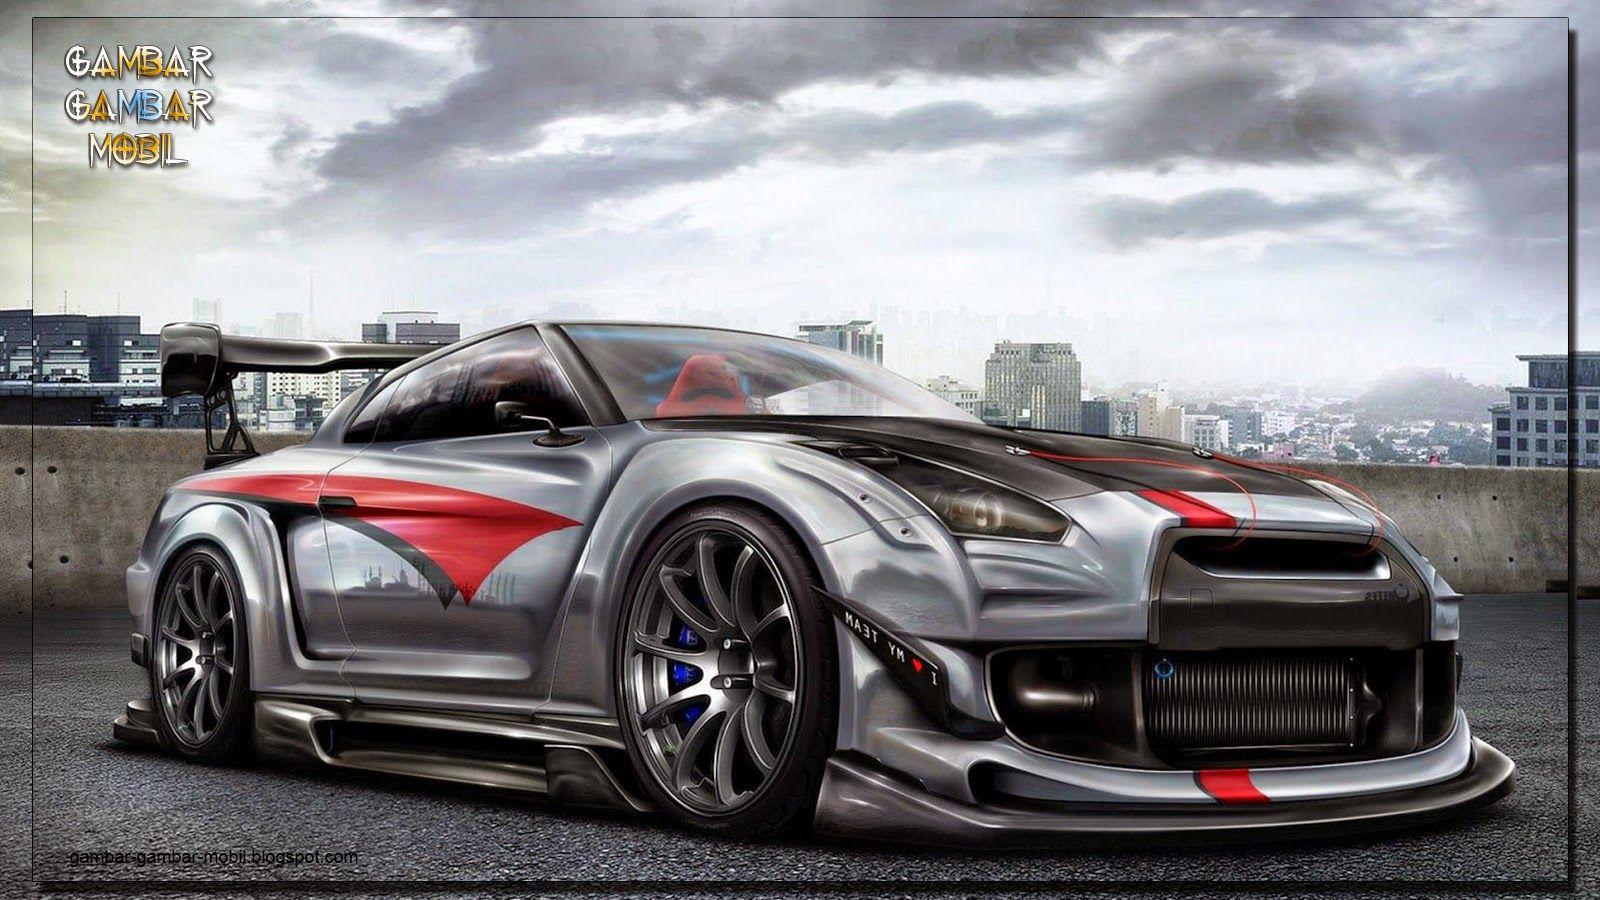 Wallpaper Mobil Sport Modif